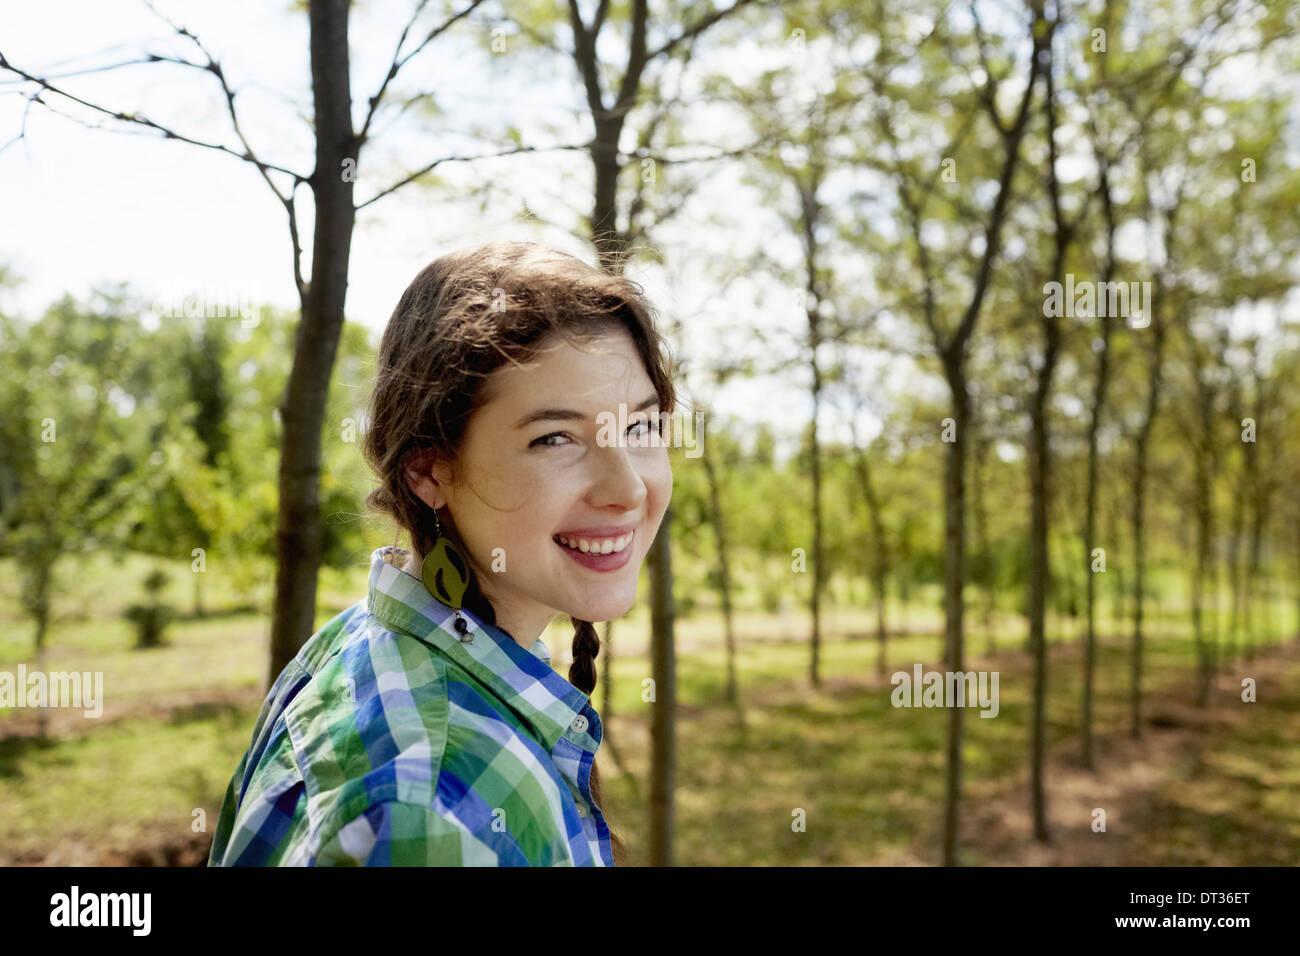 Una ragazza in un verde controllato shirt con trecce Immagini Stock